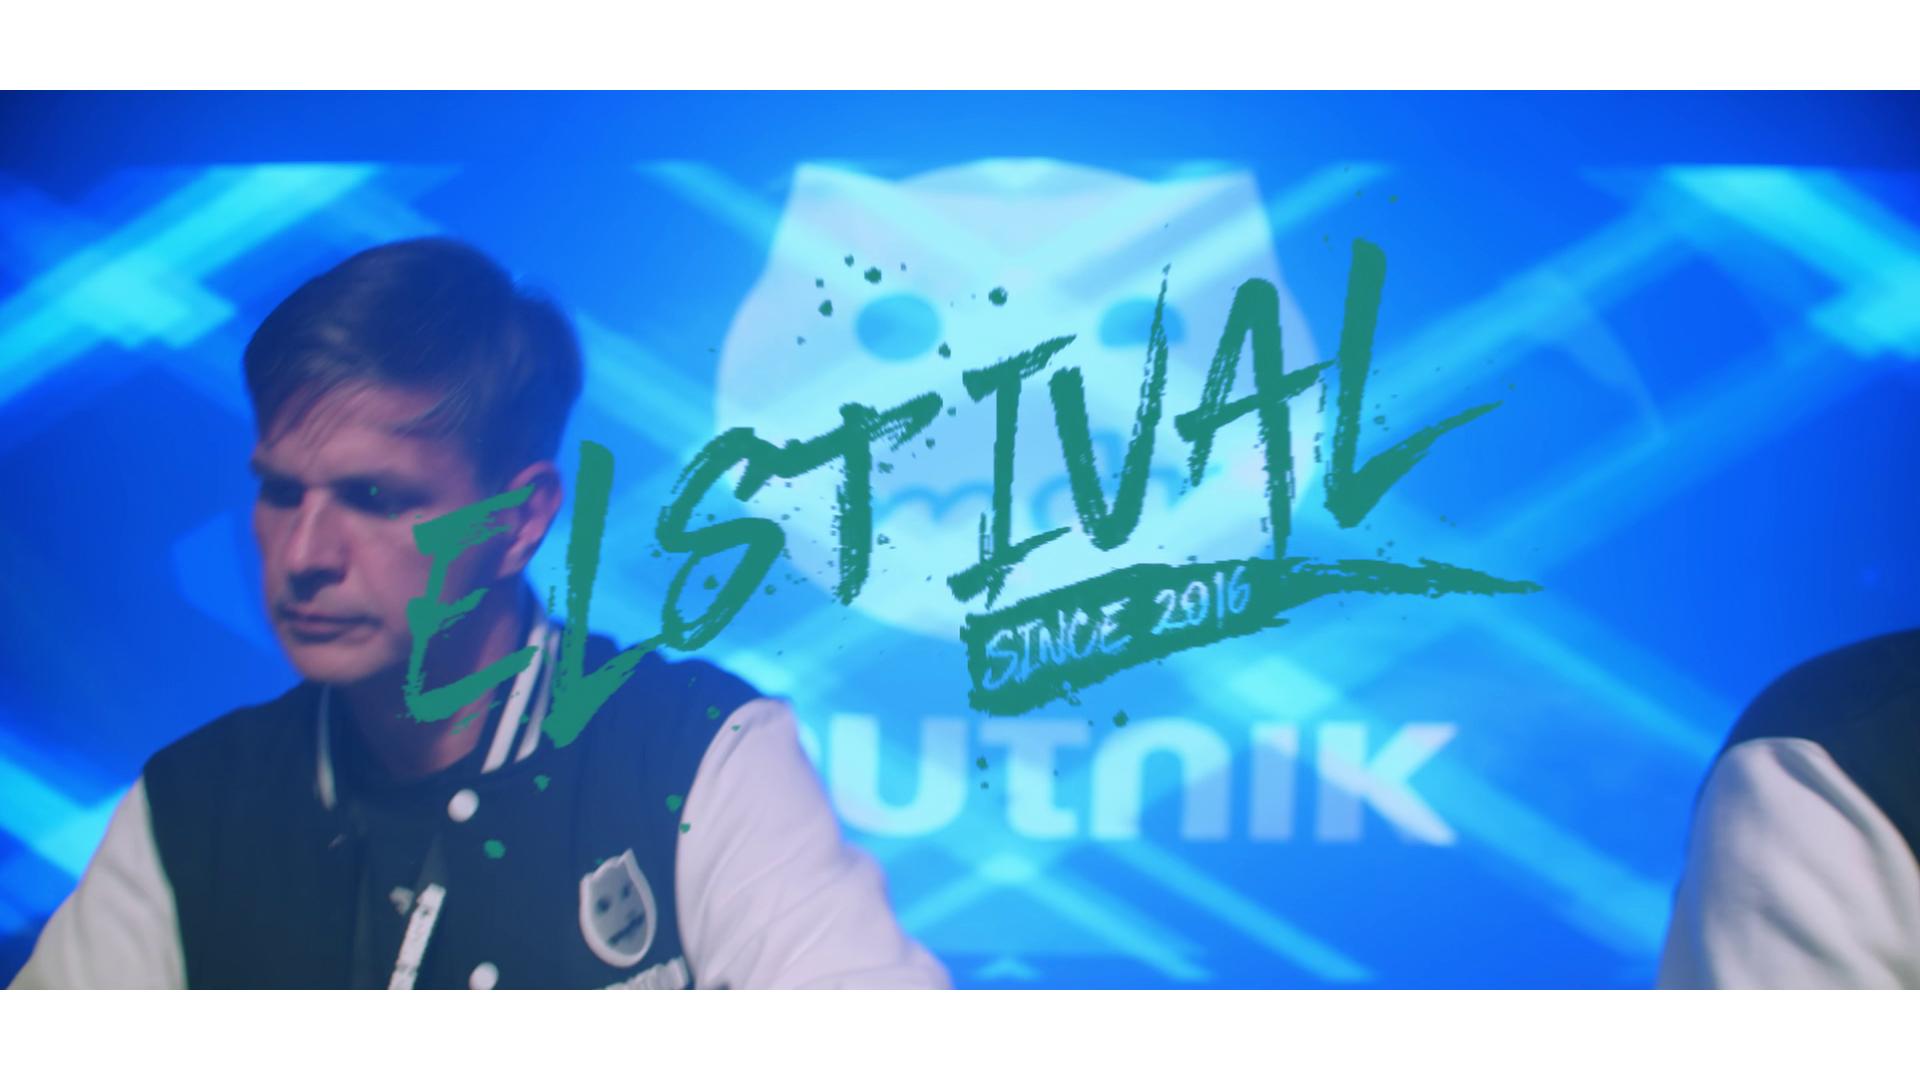 Aftermovie - Elstival Sputnik Heimattour in Lochau 2019